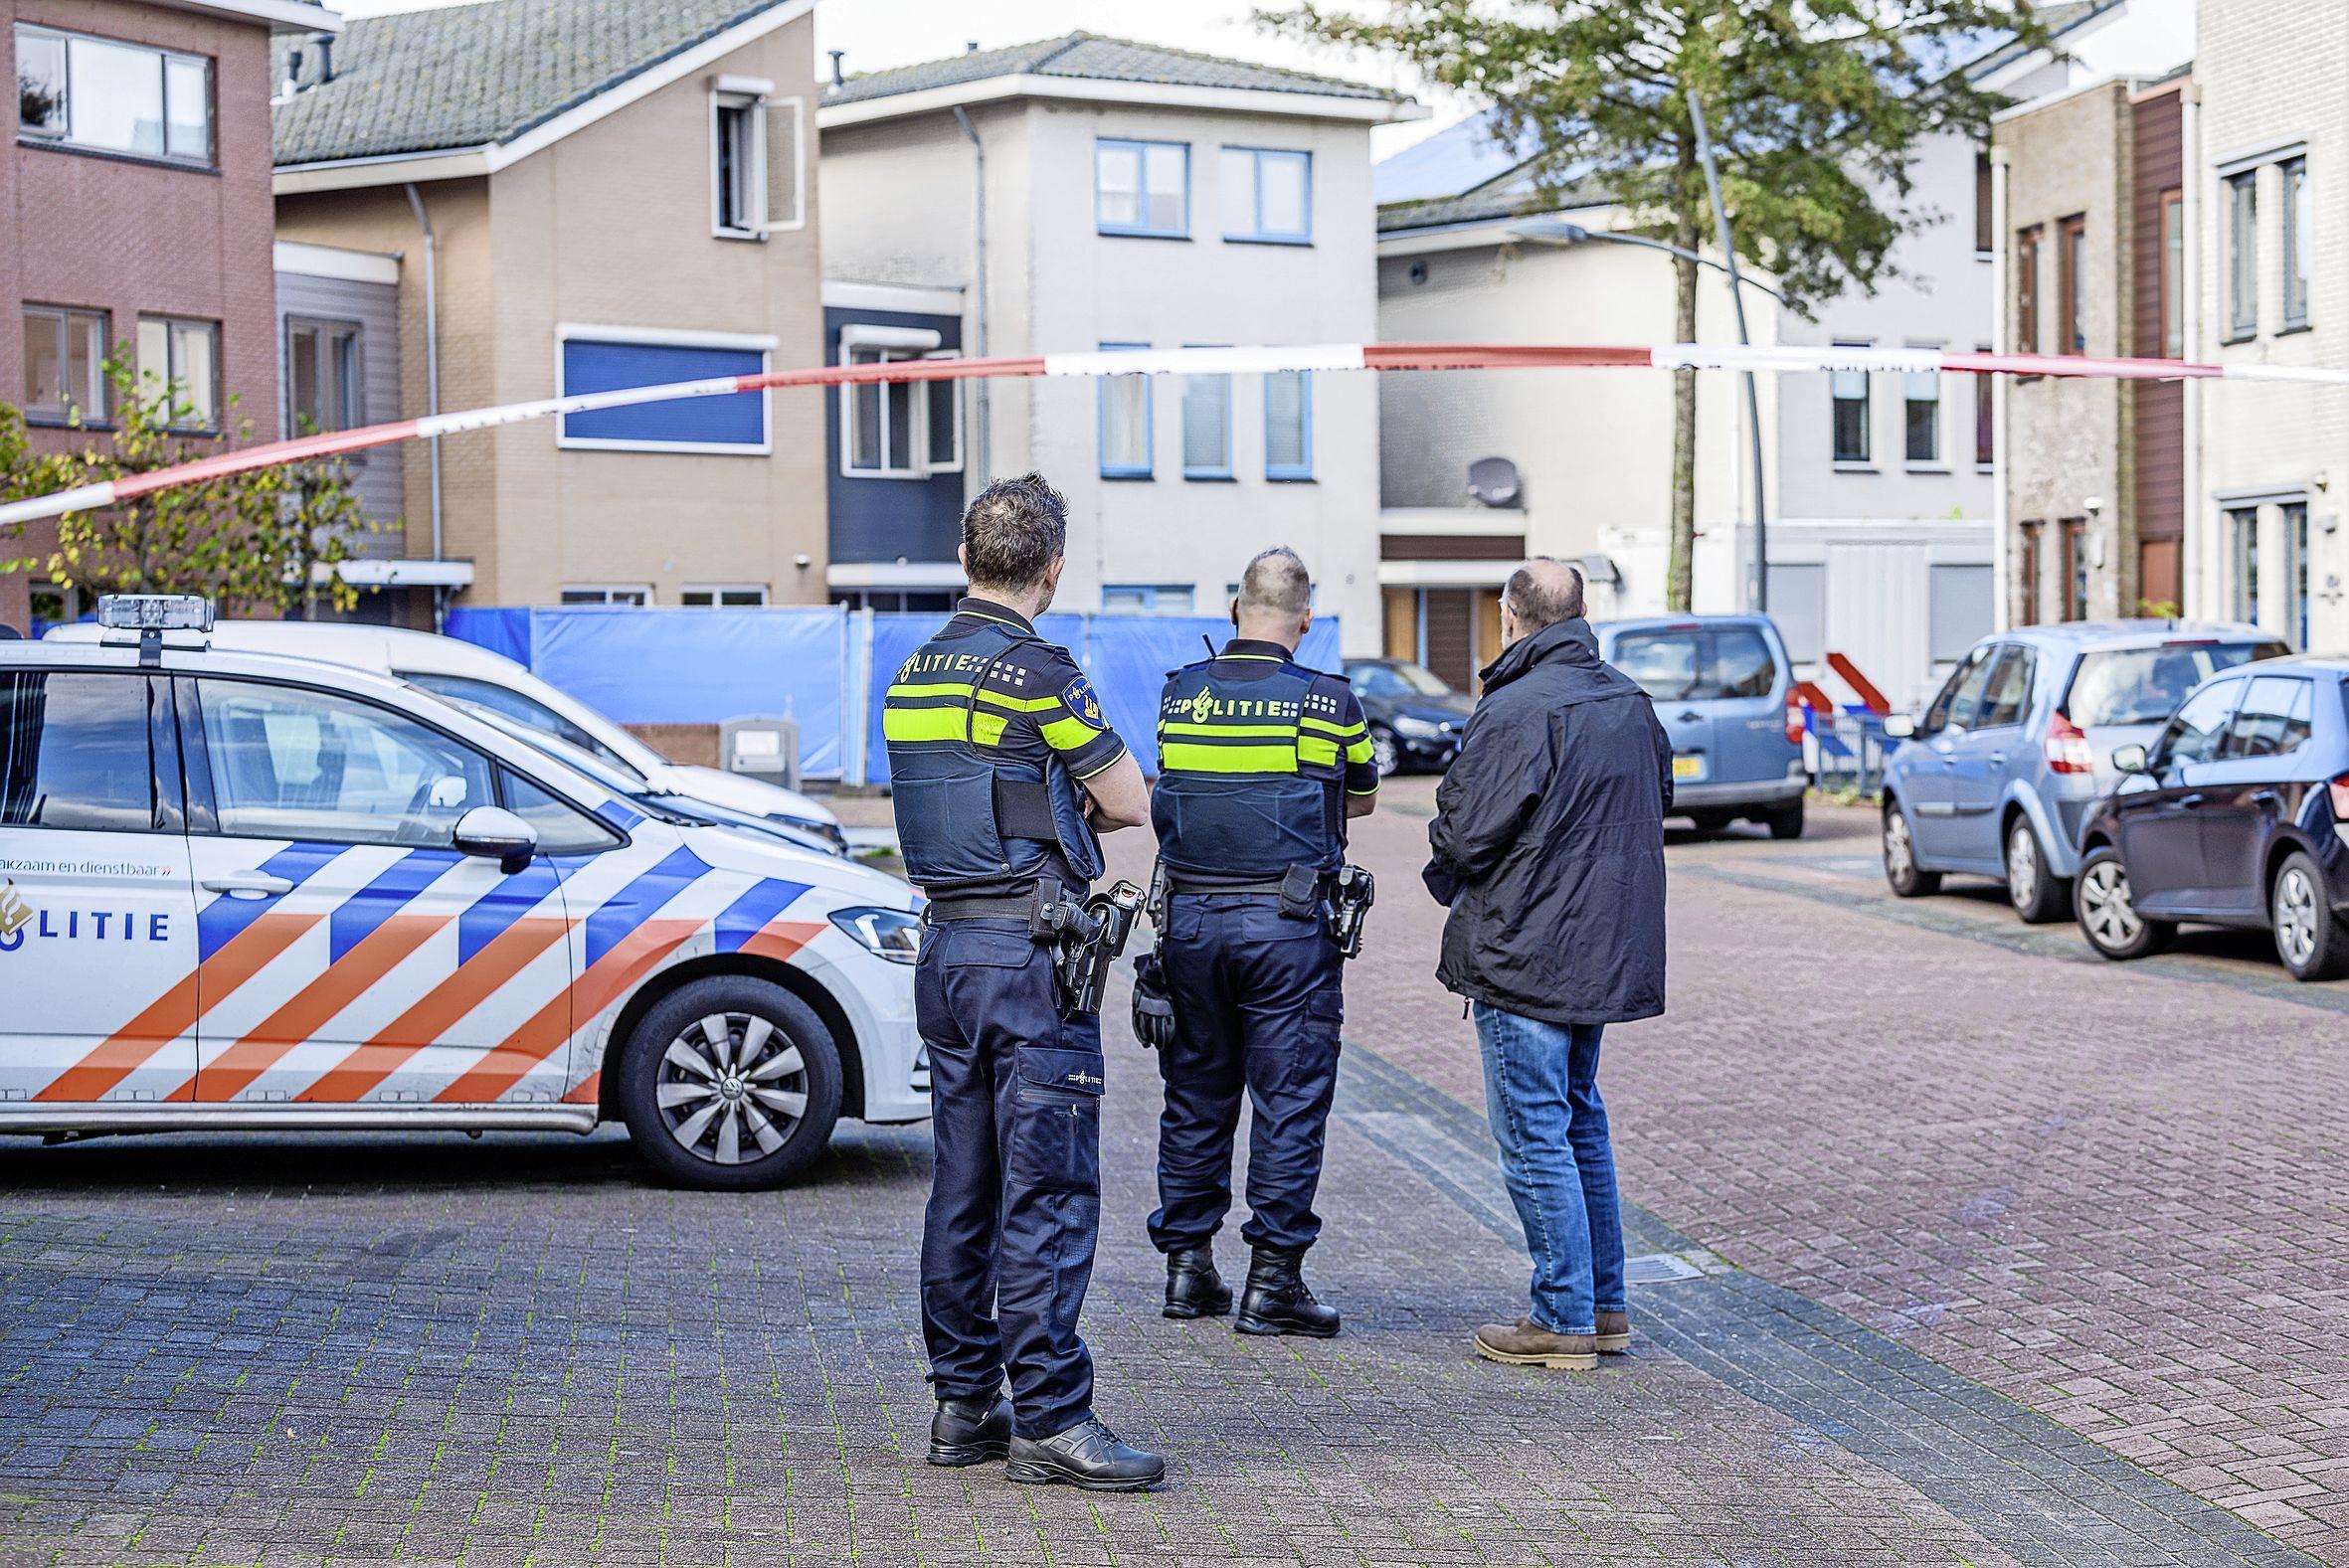 Vader fatale brand Assendelft verdacht van verduistering 1,7 miljoen euro; partner door OM nu ook gezien als verdachte